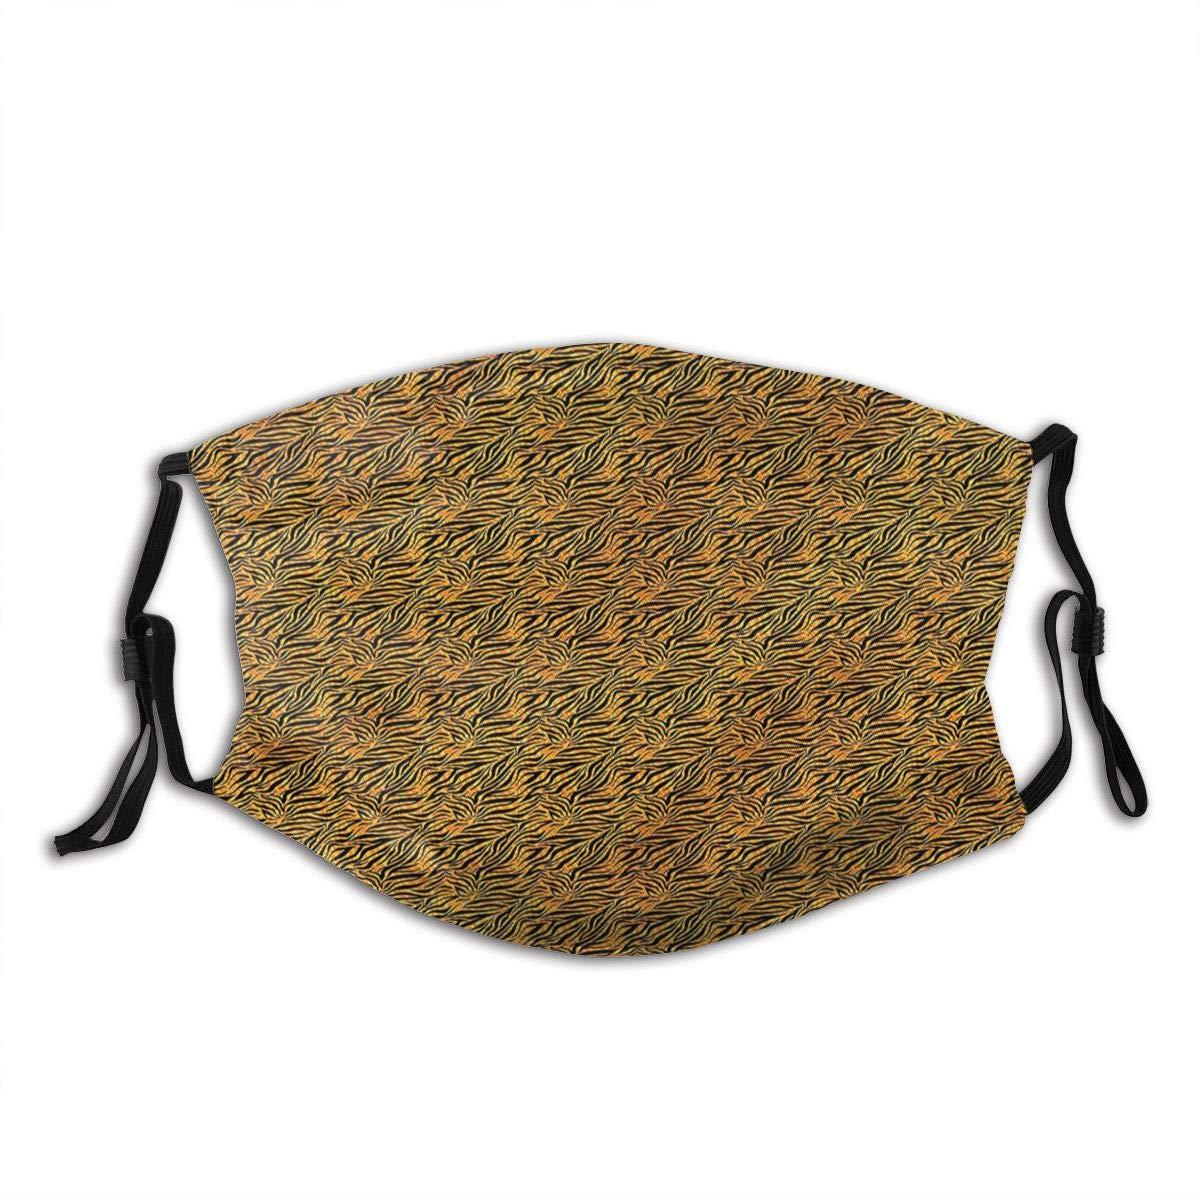 Cubierta de nariz reutilizable unisex Adorno tribal de piel de tigre africano Tapones para el polvo Tapones para los oídos ajustables con filtro reemplazable